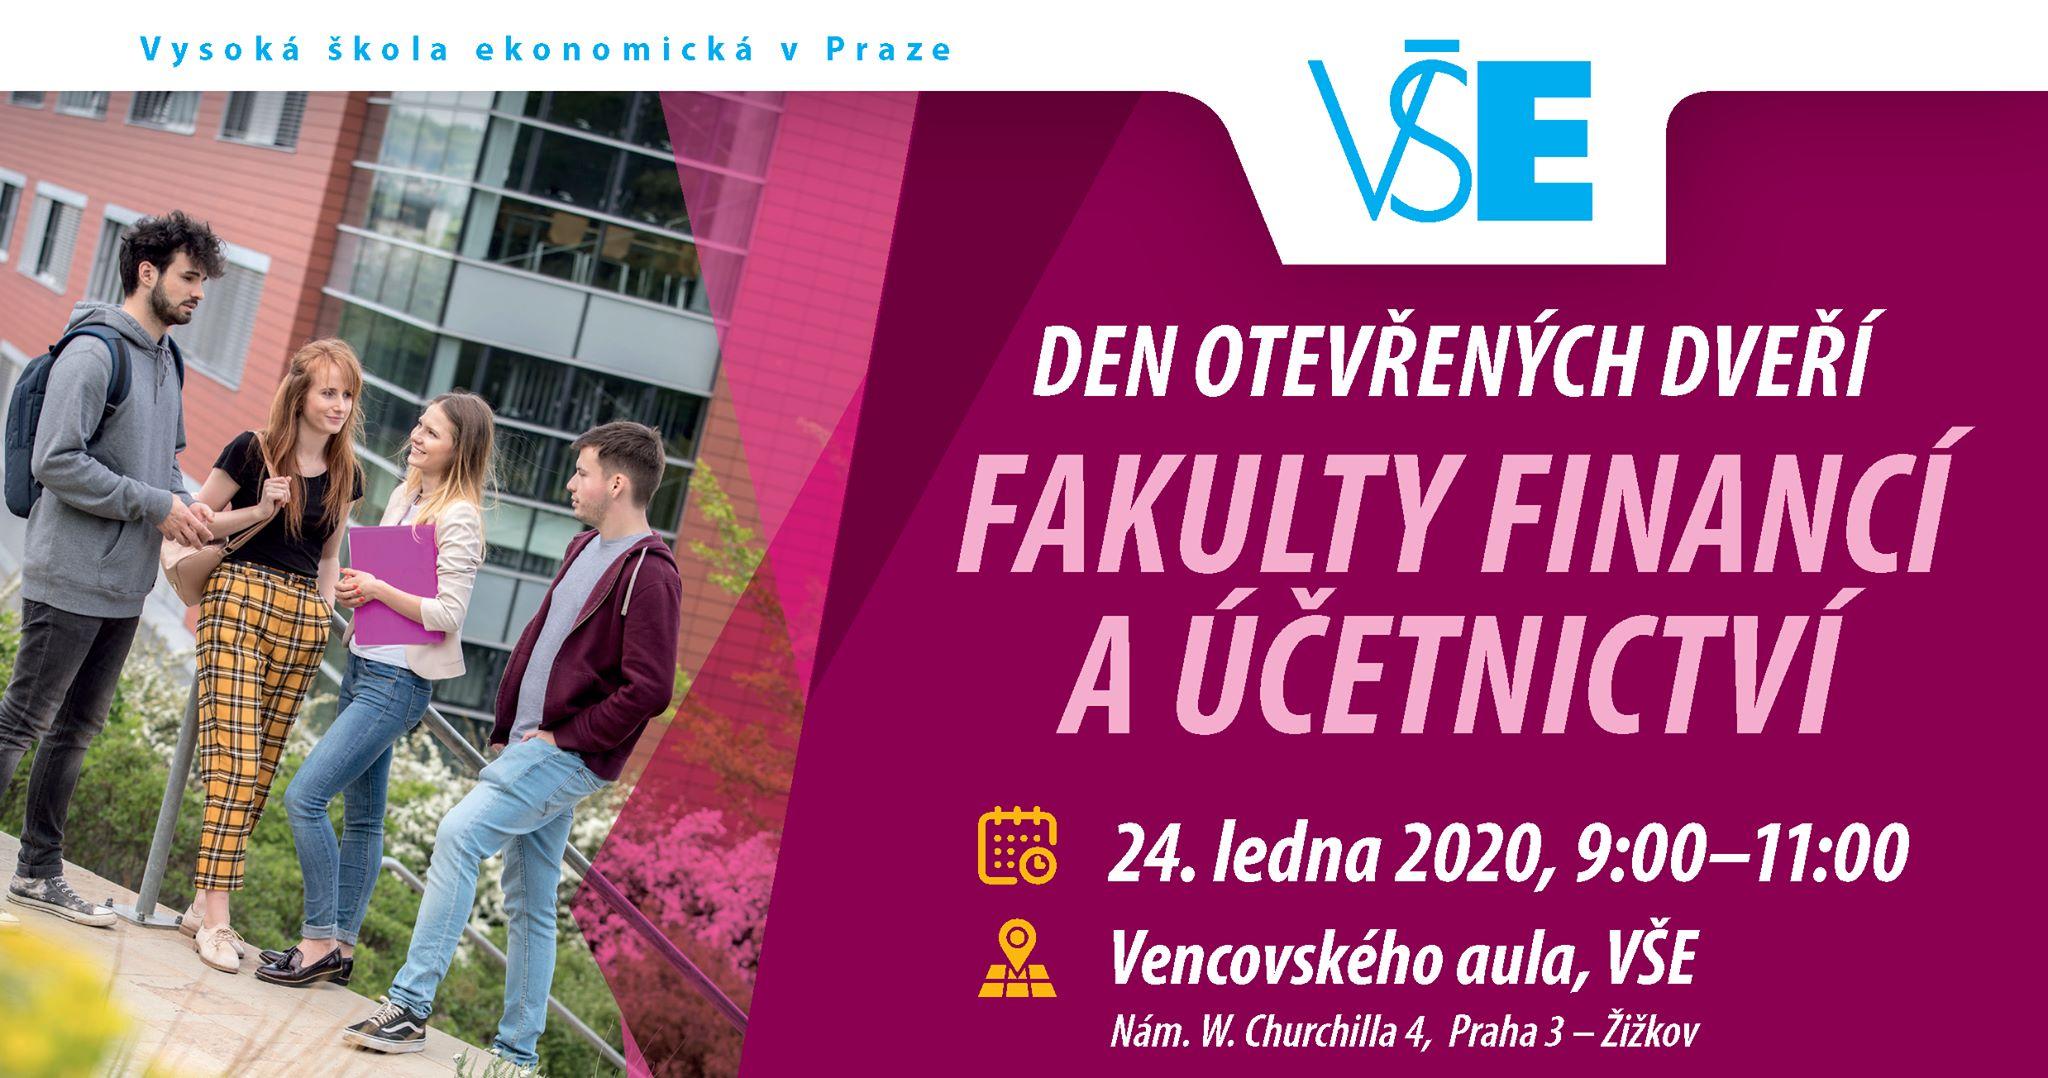 VŠE: Den otevřených dveří Fakulty financí a účetnictví VŠE v Praze